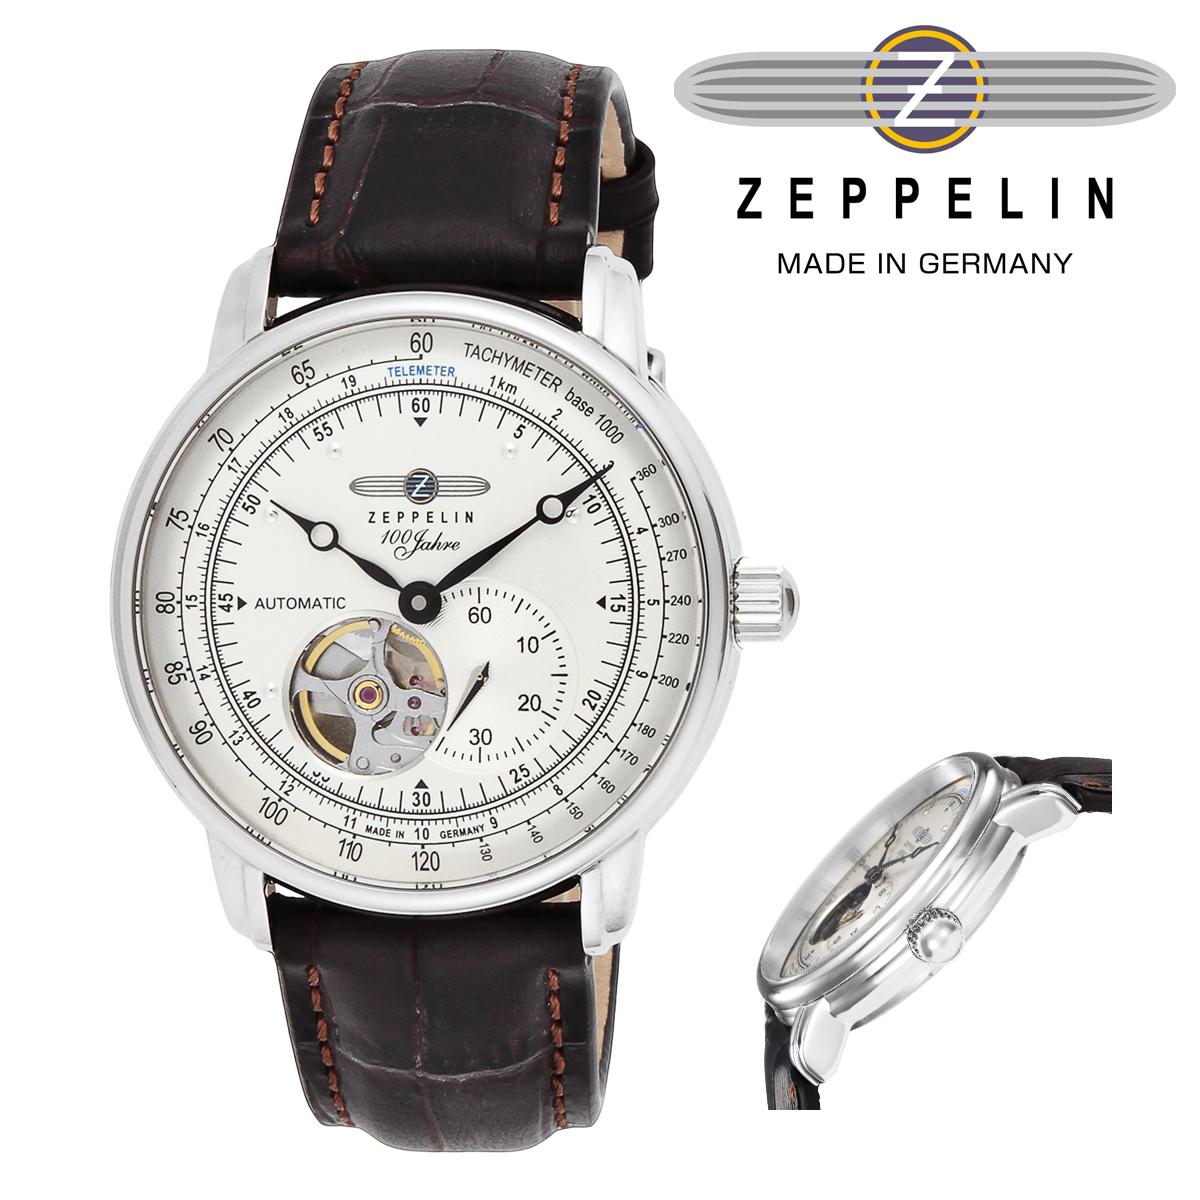 ツェッペリン 腕時計 100years 2104530 日本限定モデル メンズ ZEPPELIN ステンレススチール ミネラルガラス 本革